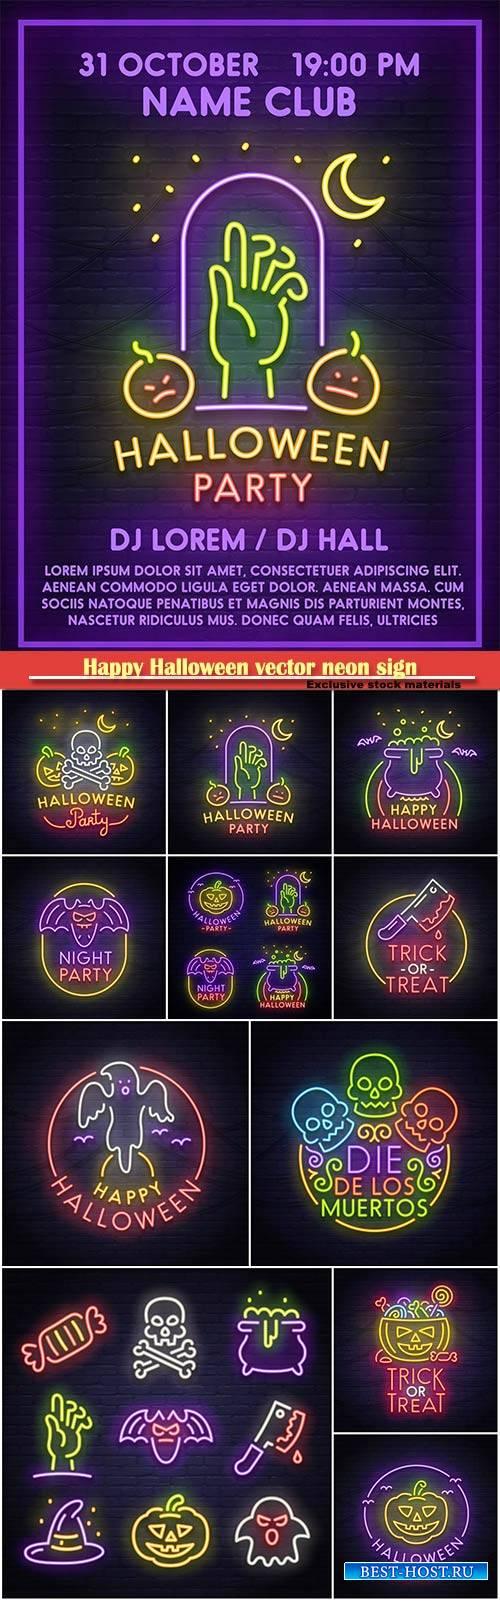 Happy Halloween vector neon sign, bright signboard, light banner